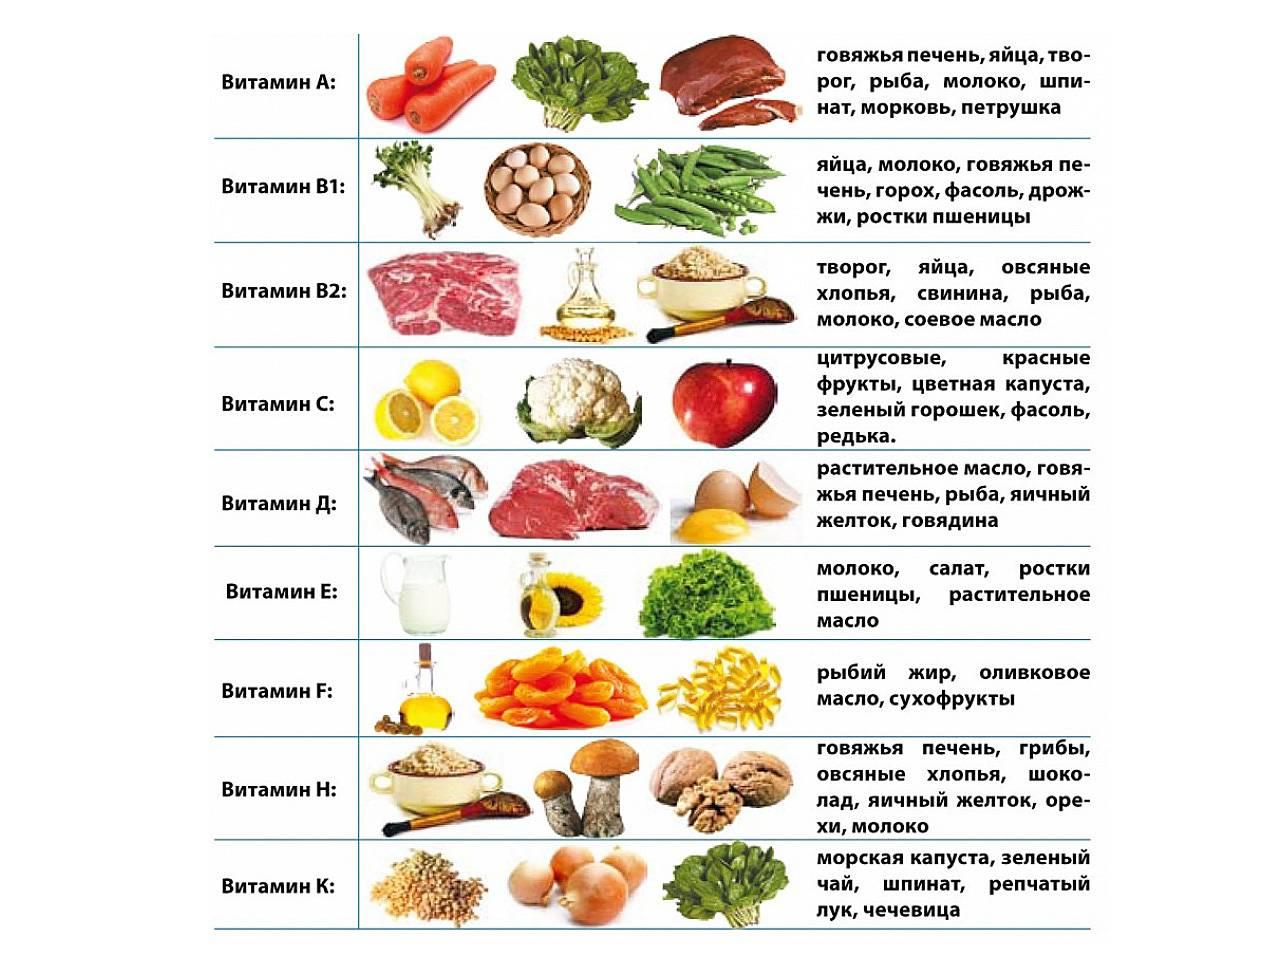 Правда ли, что жареные овощи полезнее вареных и почему: интересные факты